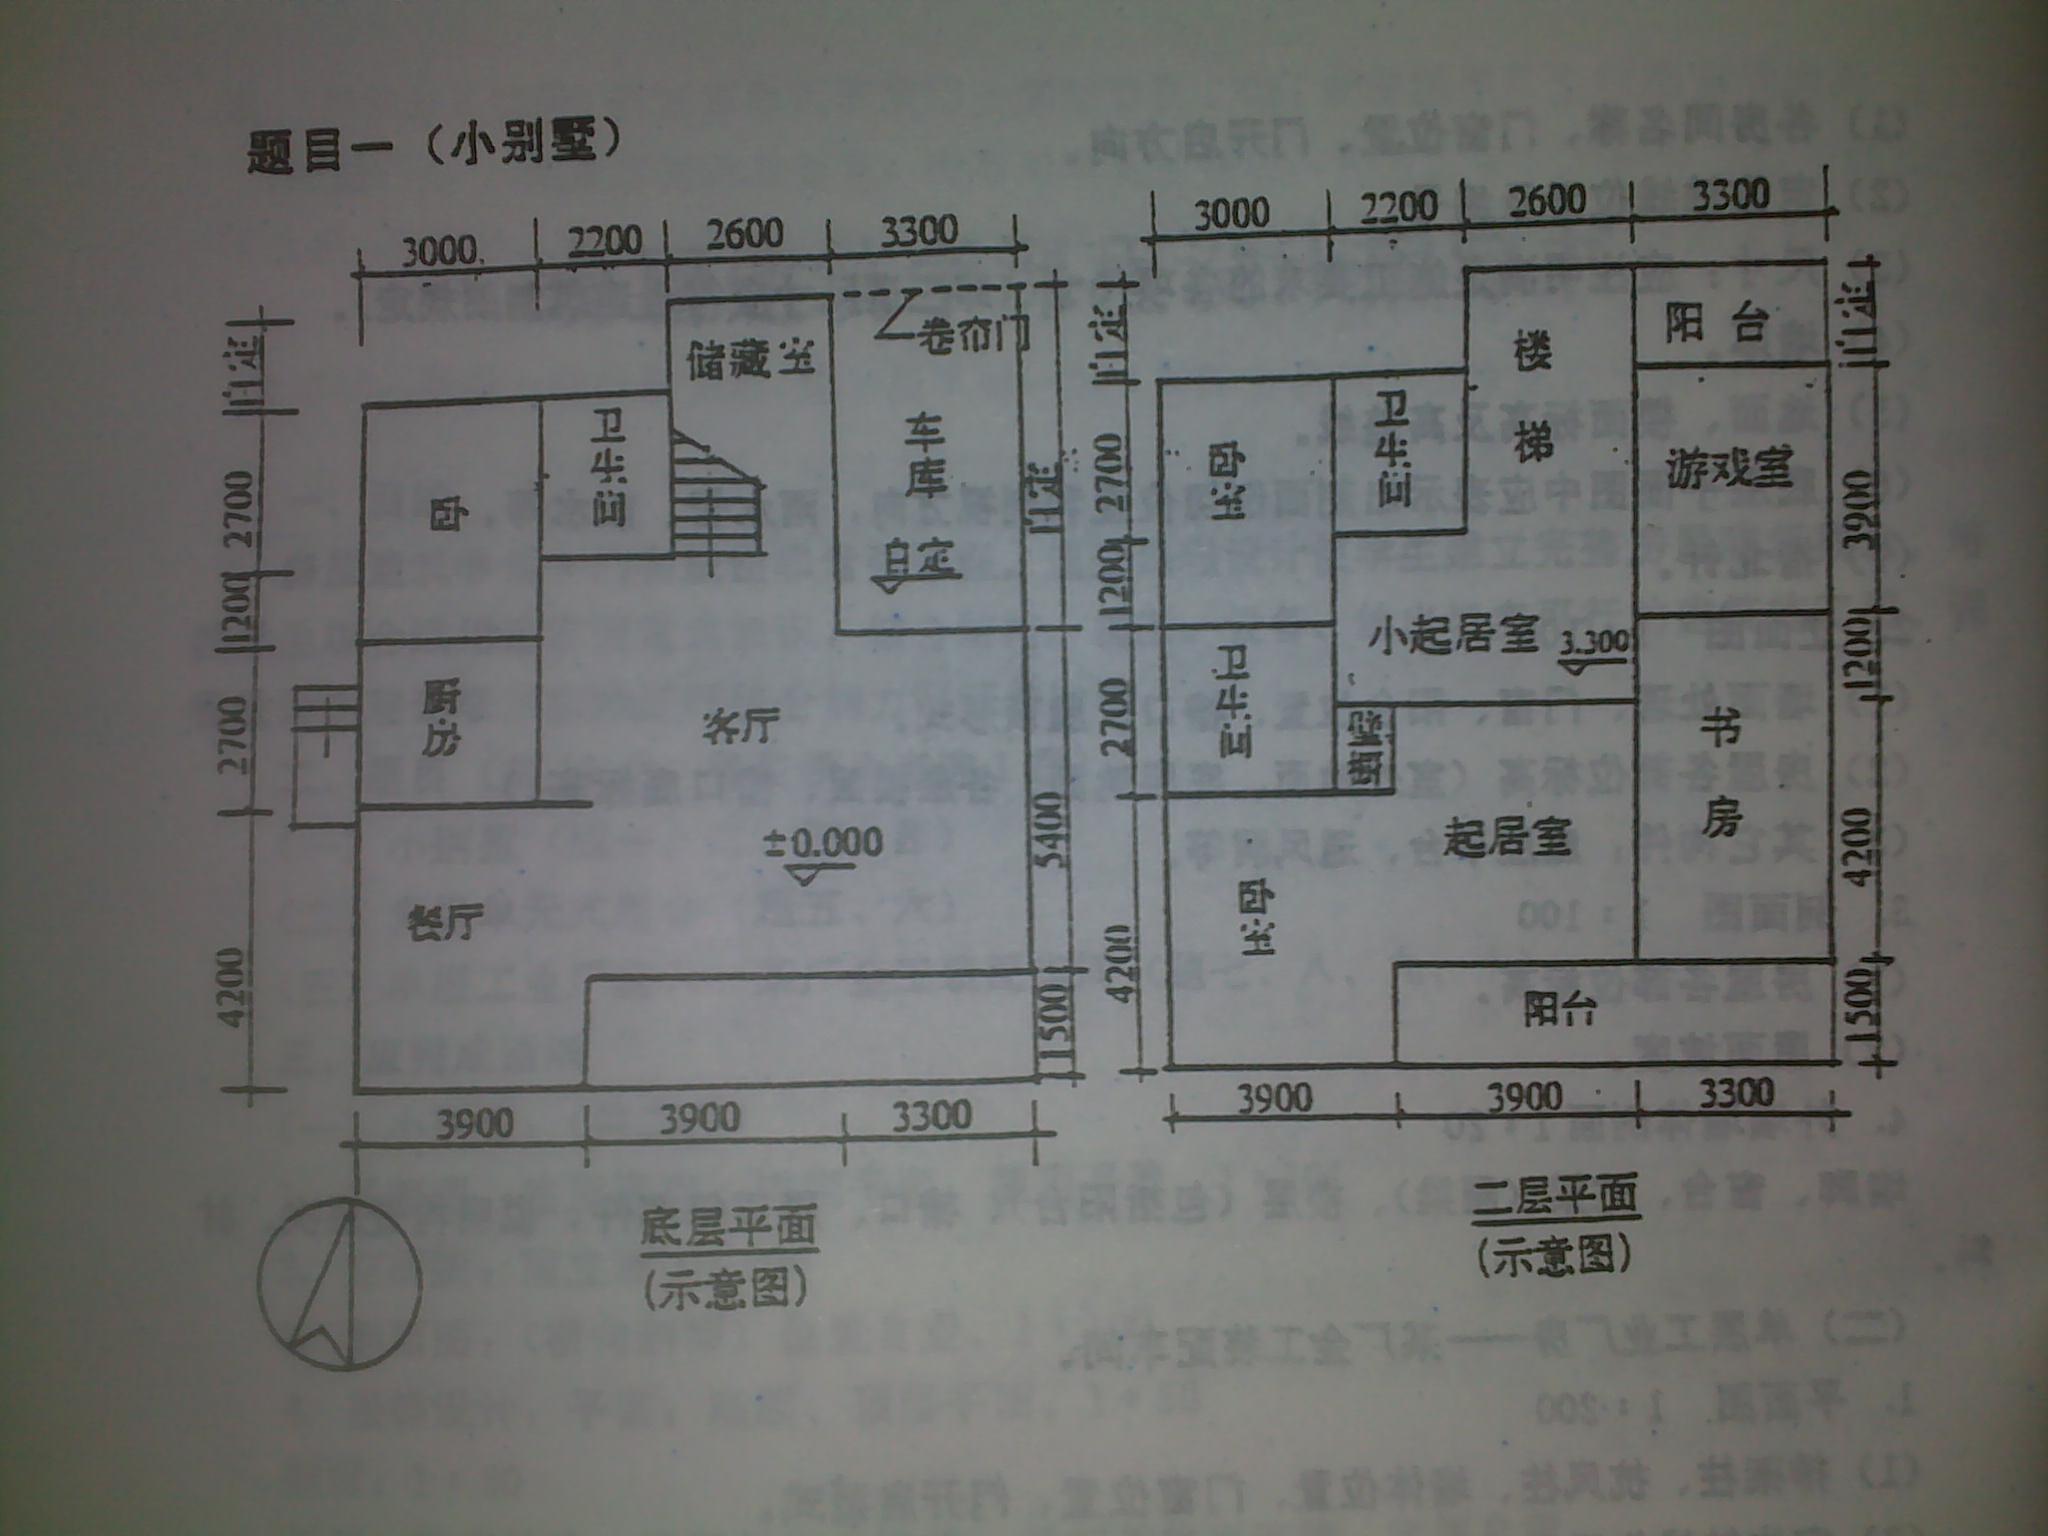 哪个客厅免费下建筑设计网站五米宽的图纸门六合无绝对图片